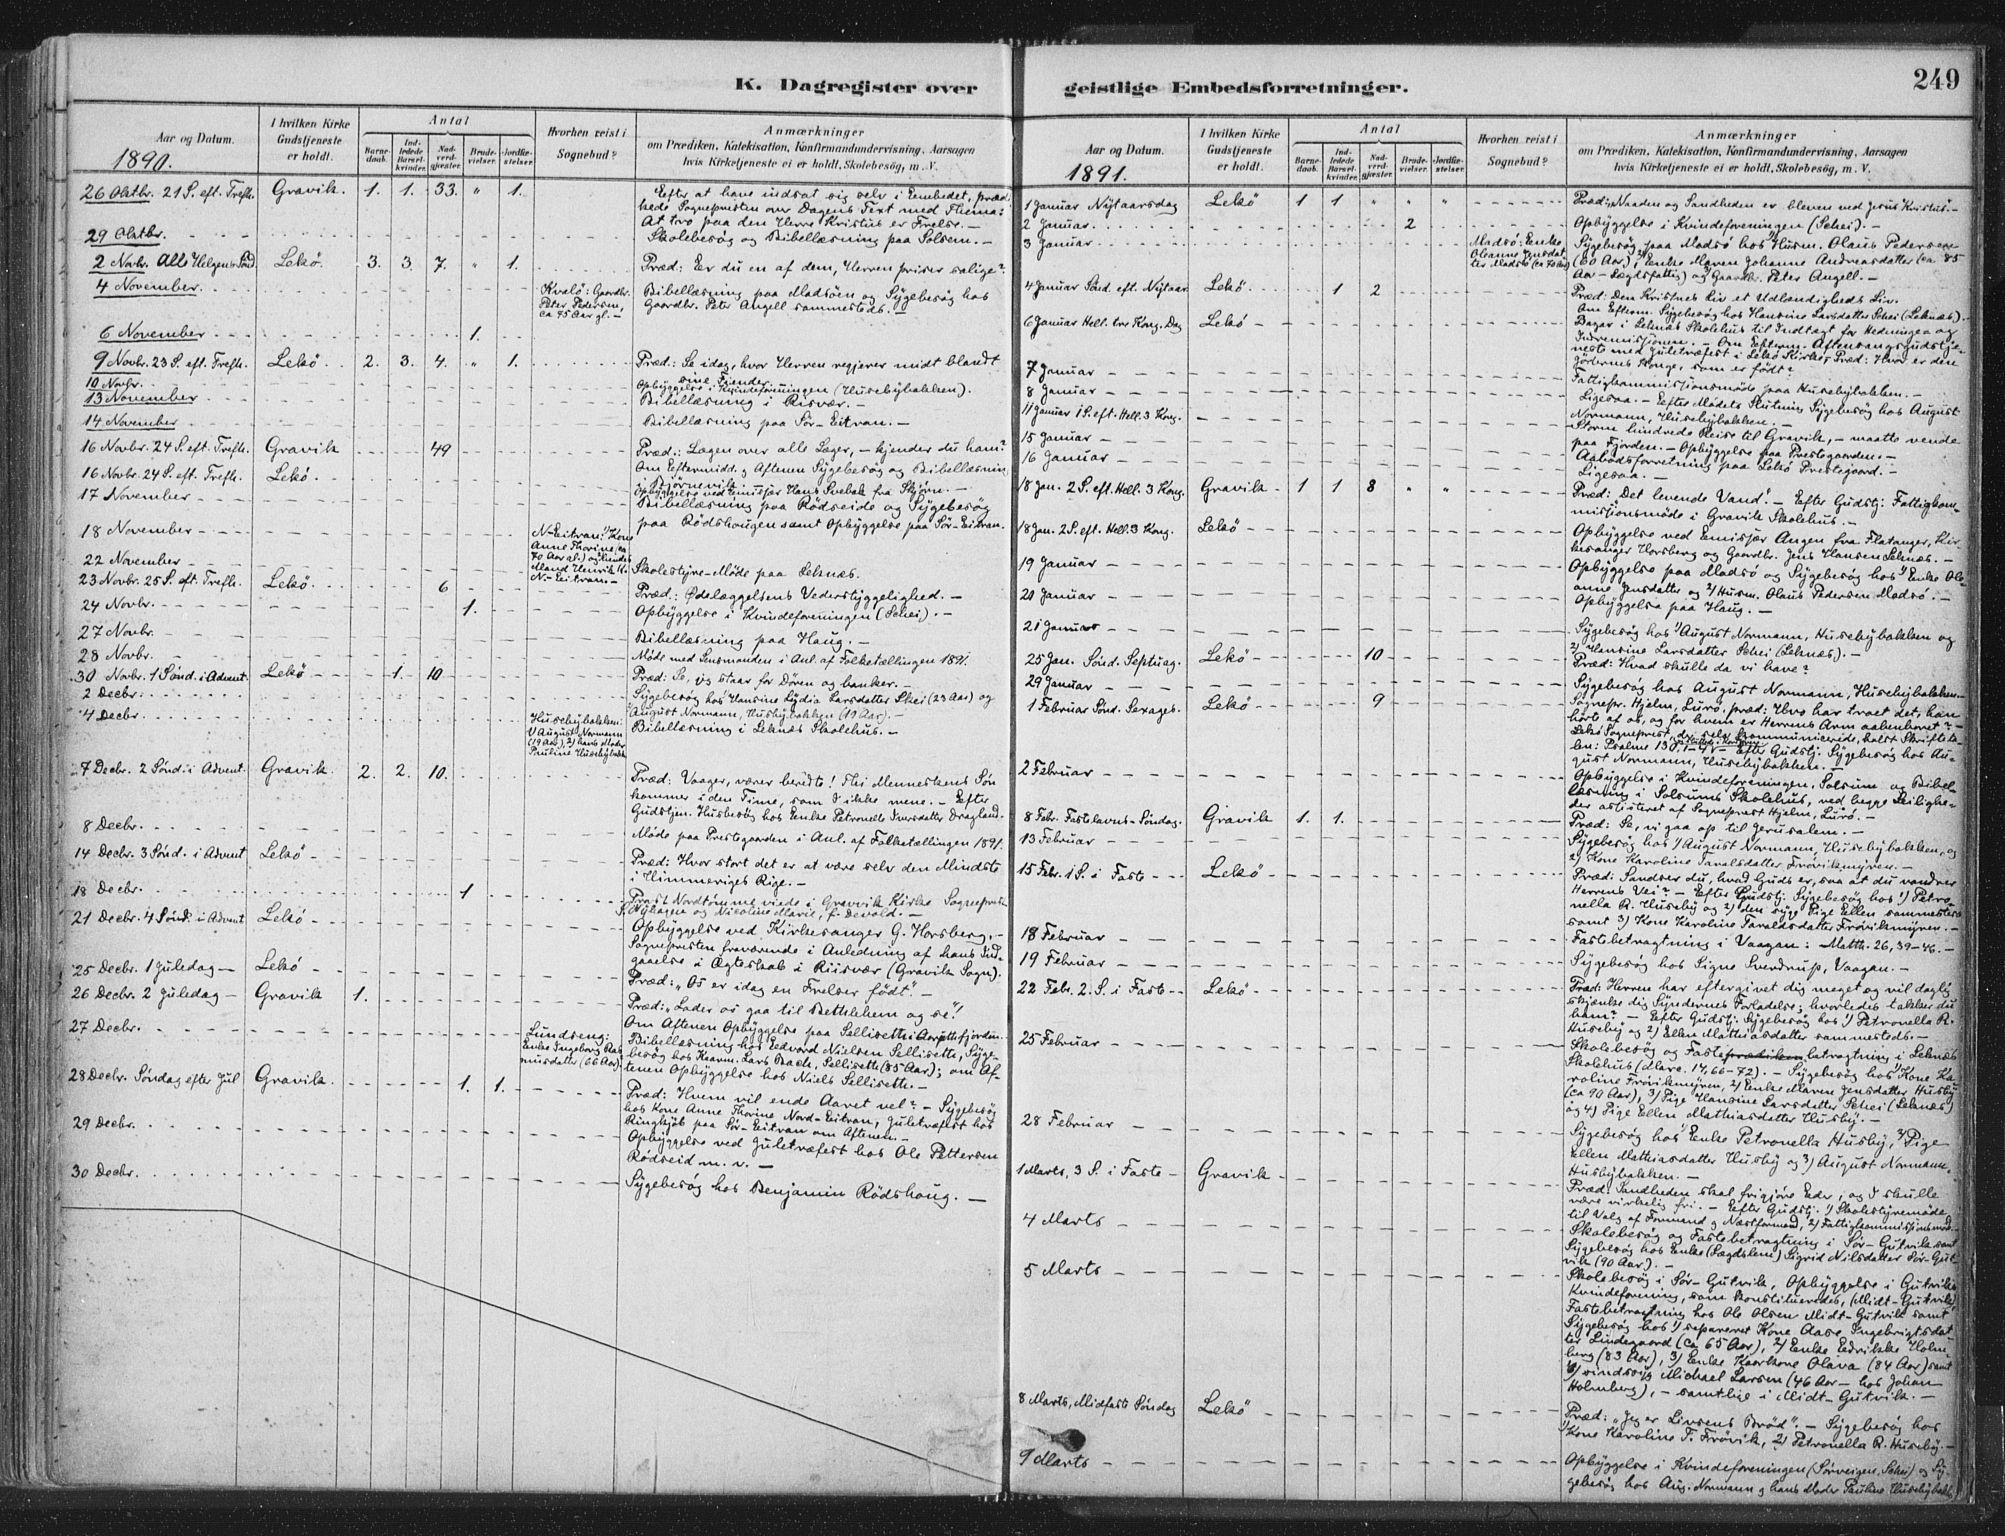 SAT, Ministerialprotokoller, klokkerbøker og fødselsregistre - Nord-Trøndelag, 788/L0697: Ministerialbok nr. 788A04, 1878-1902, s. 249